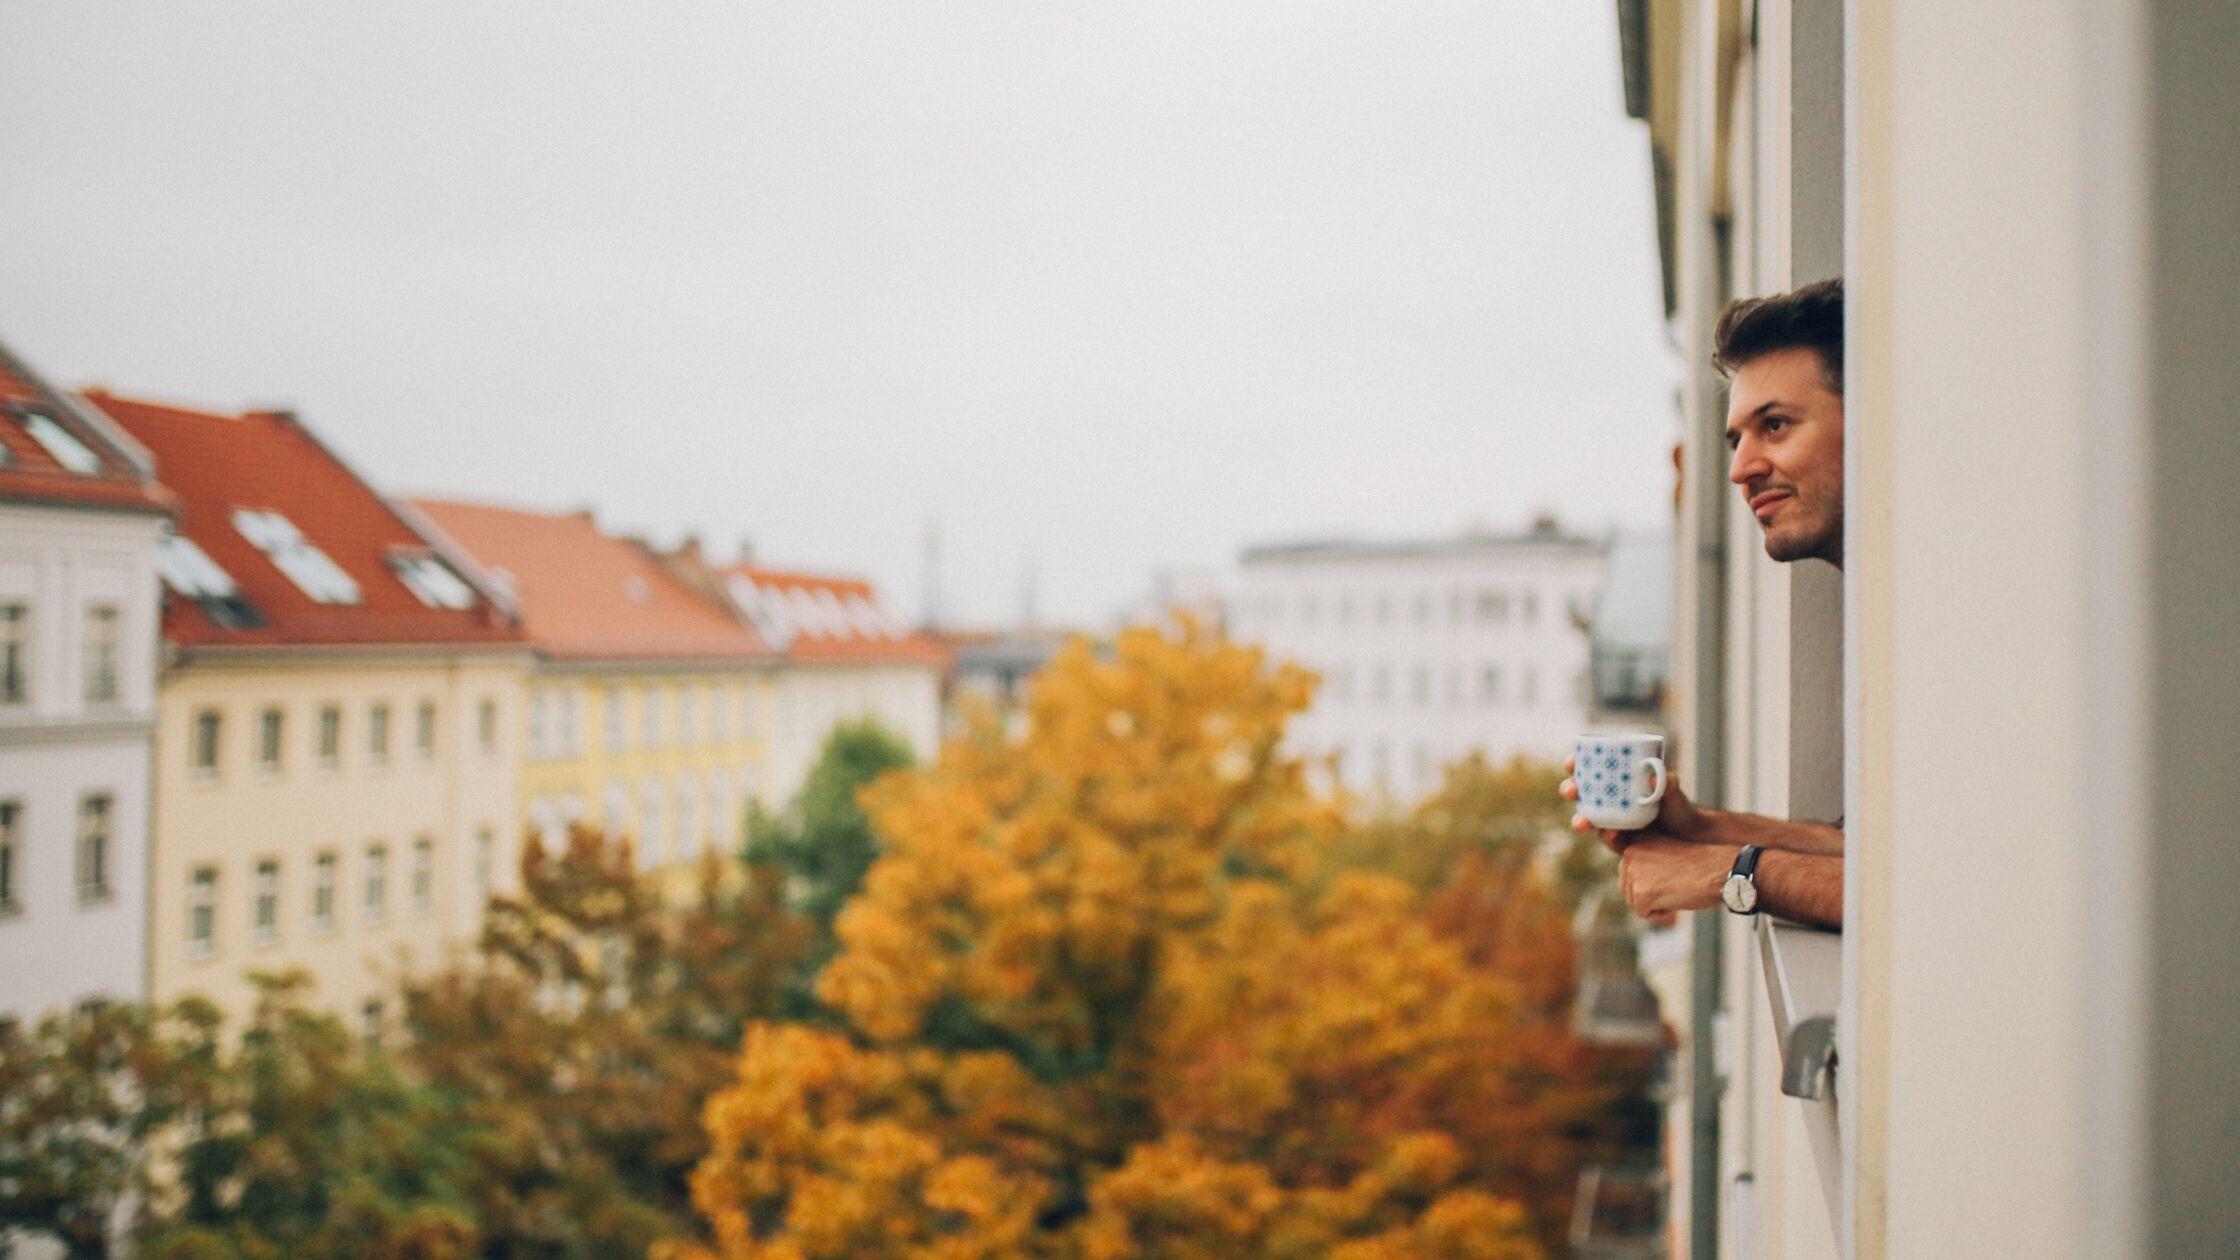 Junger Mann schaut aus dem Fenster eines größeren Wohnhauses